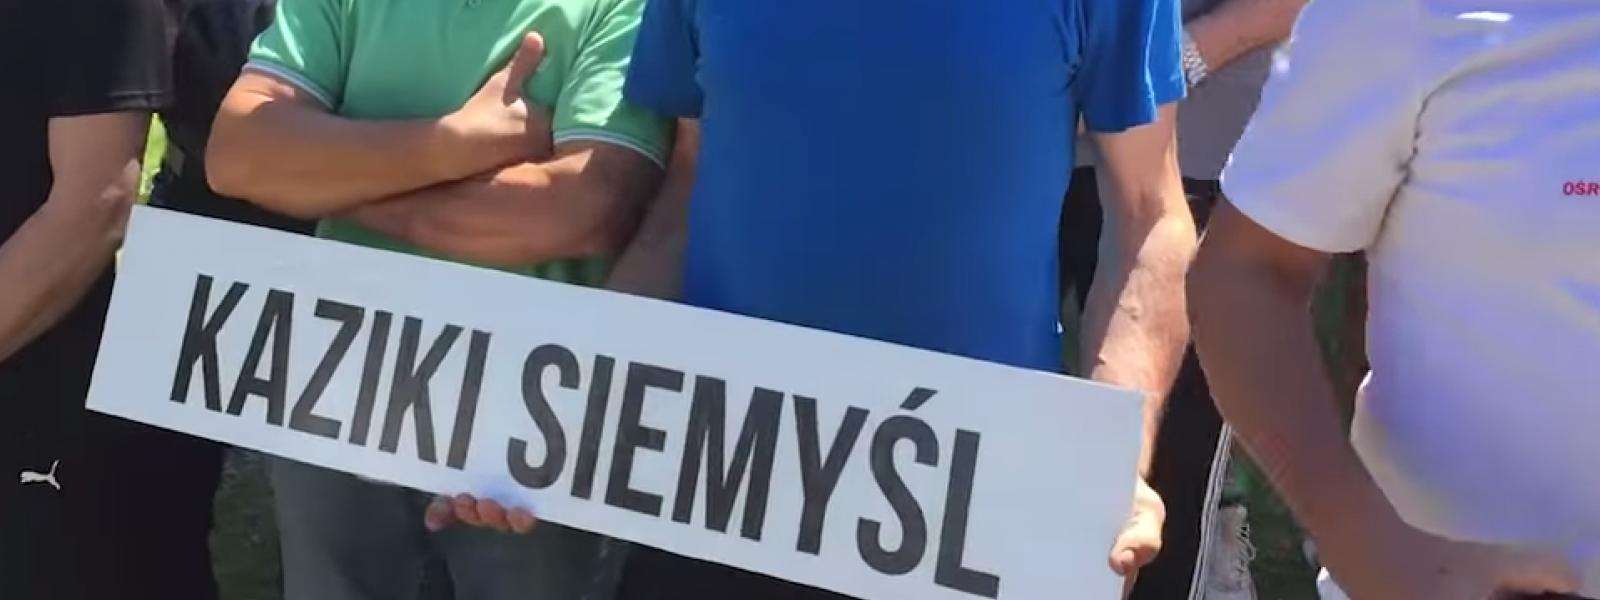 XXI Mistrzostwa Polski Old Boy'ów w Piłce Siatkowej – przeżyjmy to jeszcze raz